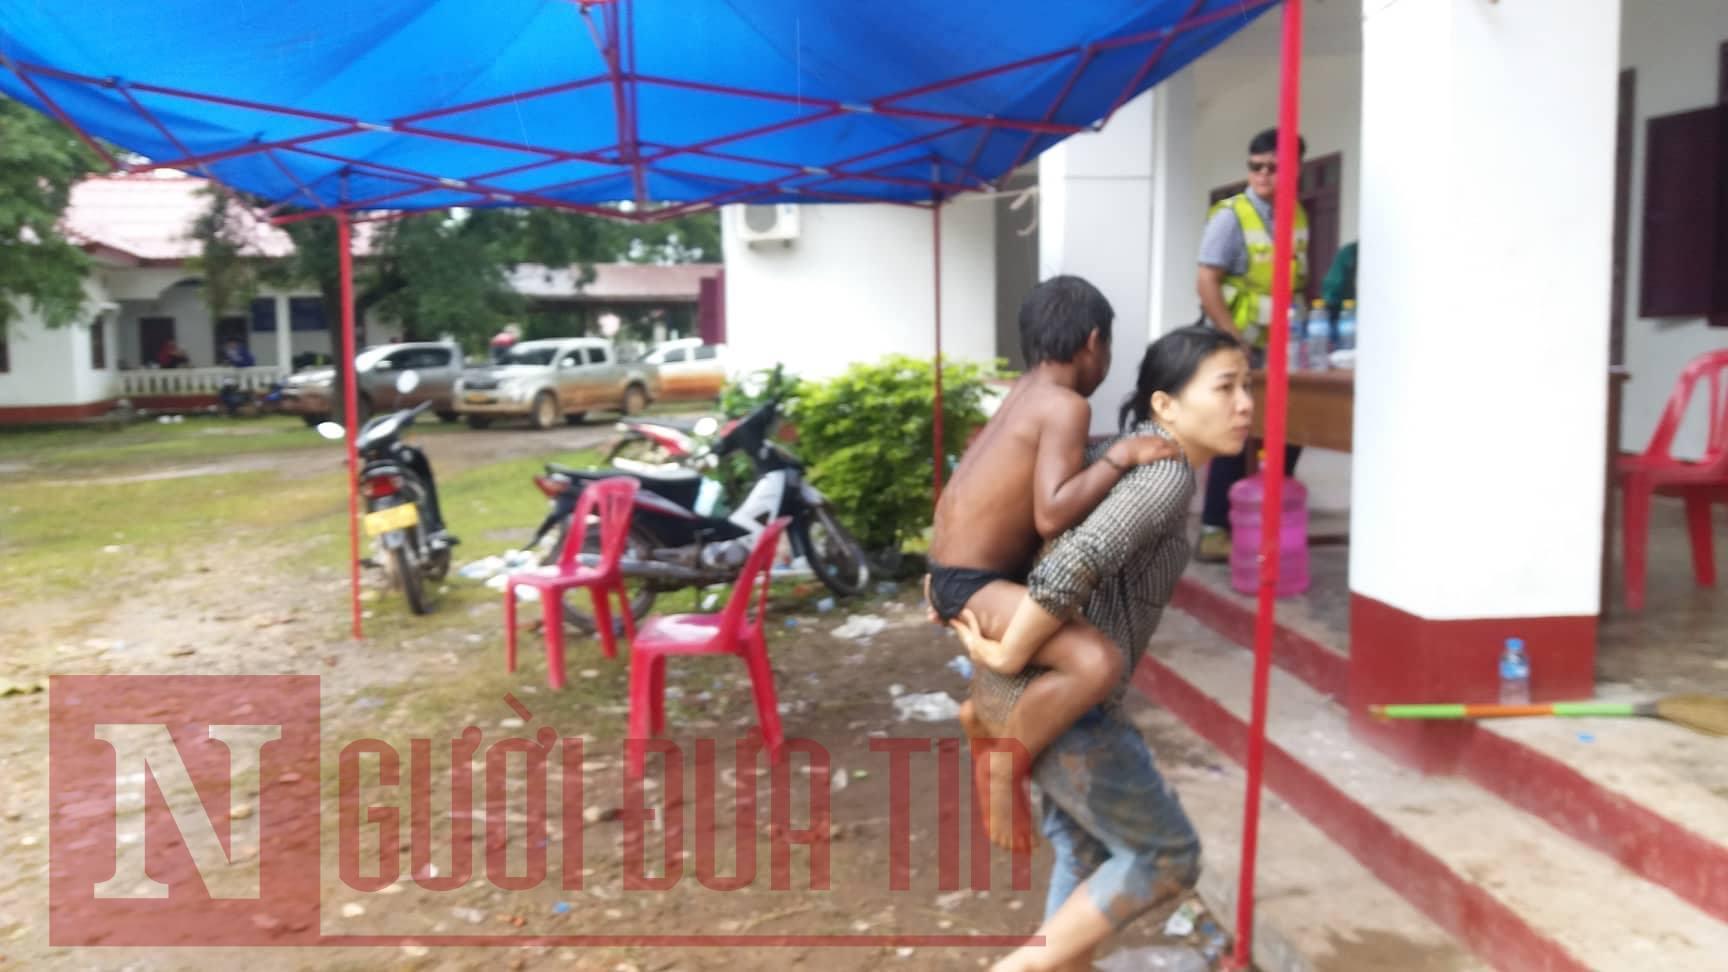 Vỡ đập thủy điện Lào: Cận cảnh công tác cứu hộ tại nơi cơn lũ vừa càn quét - Ảnh 10